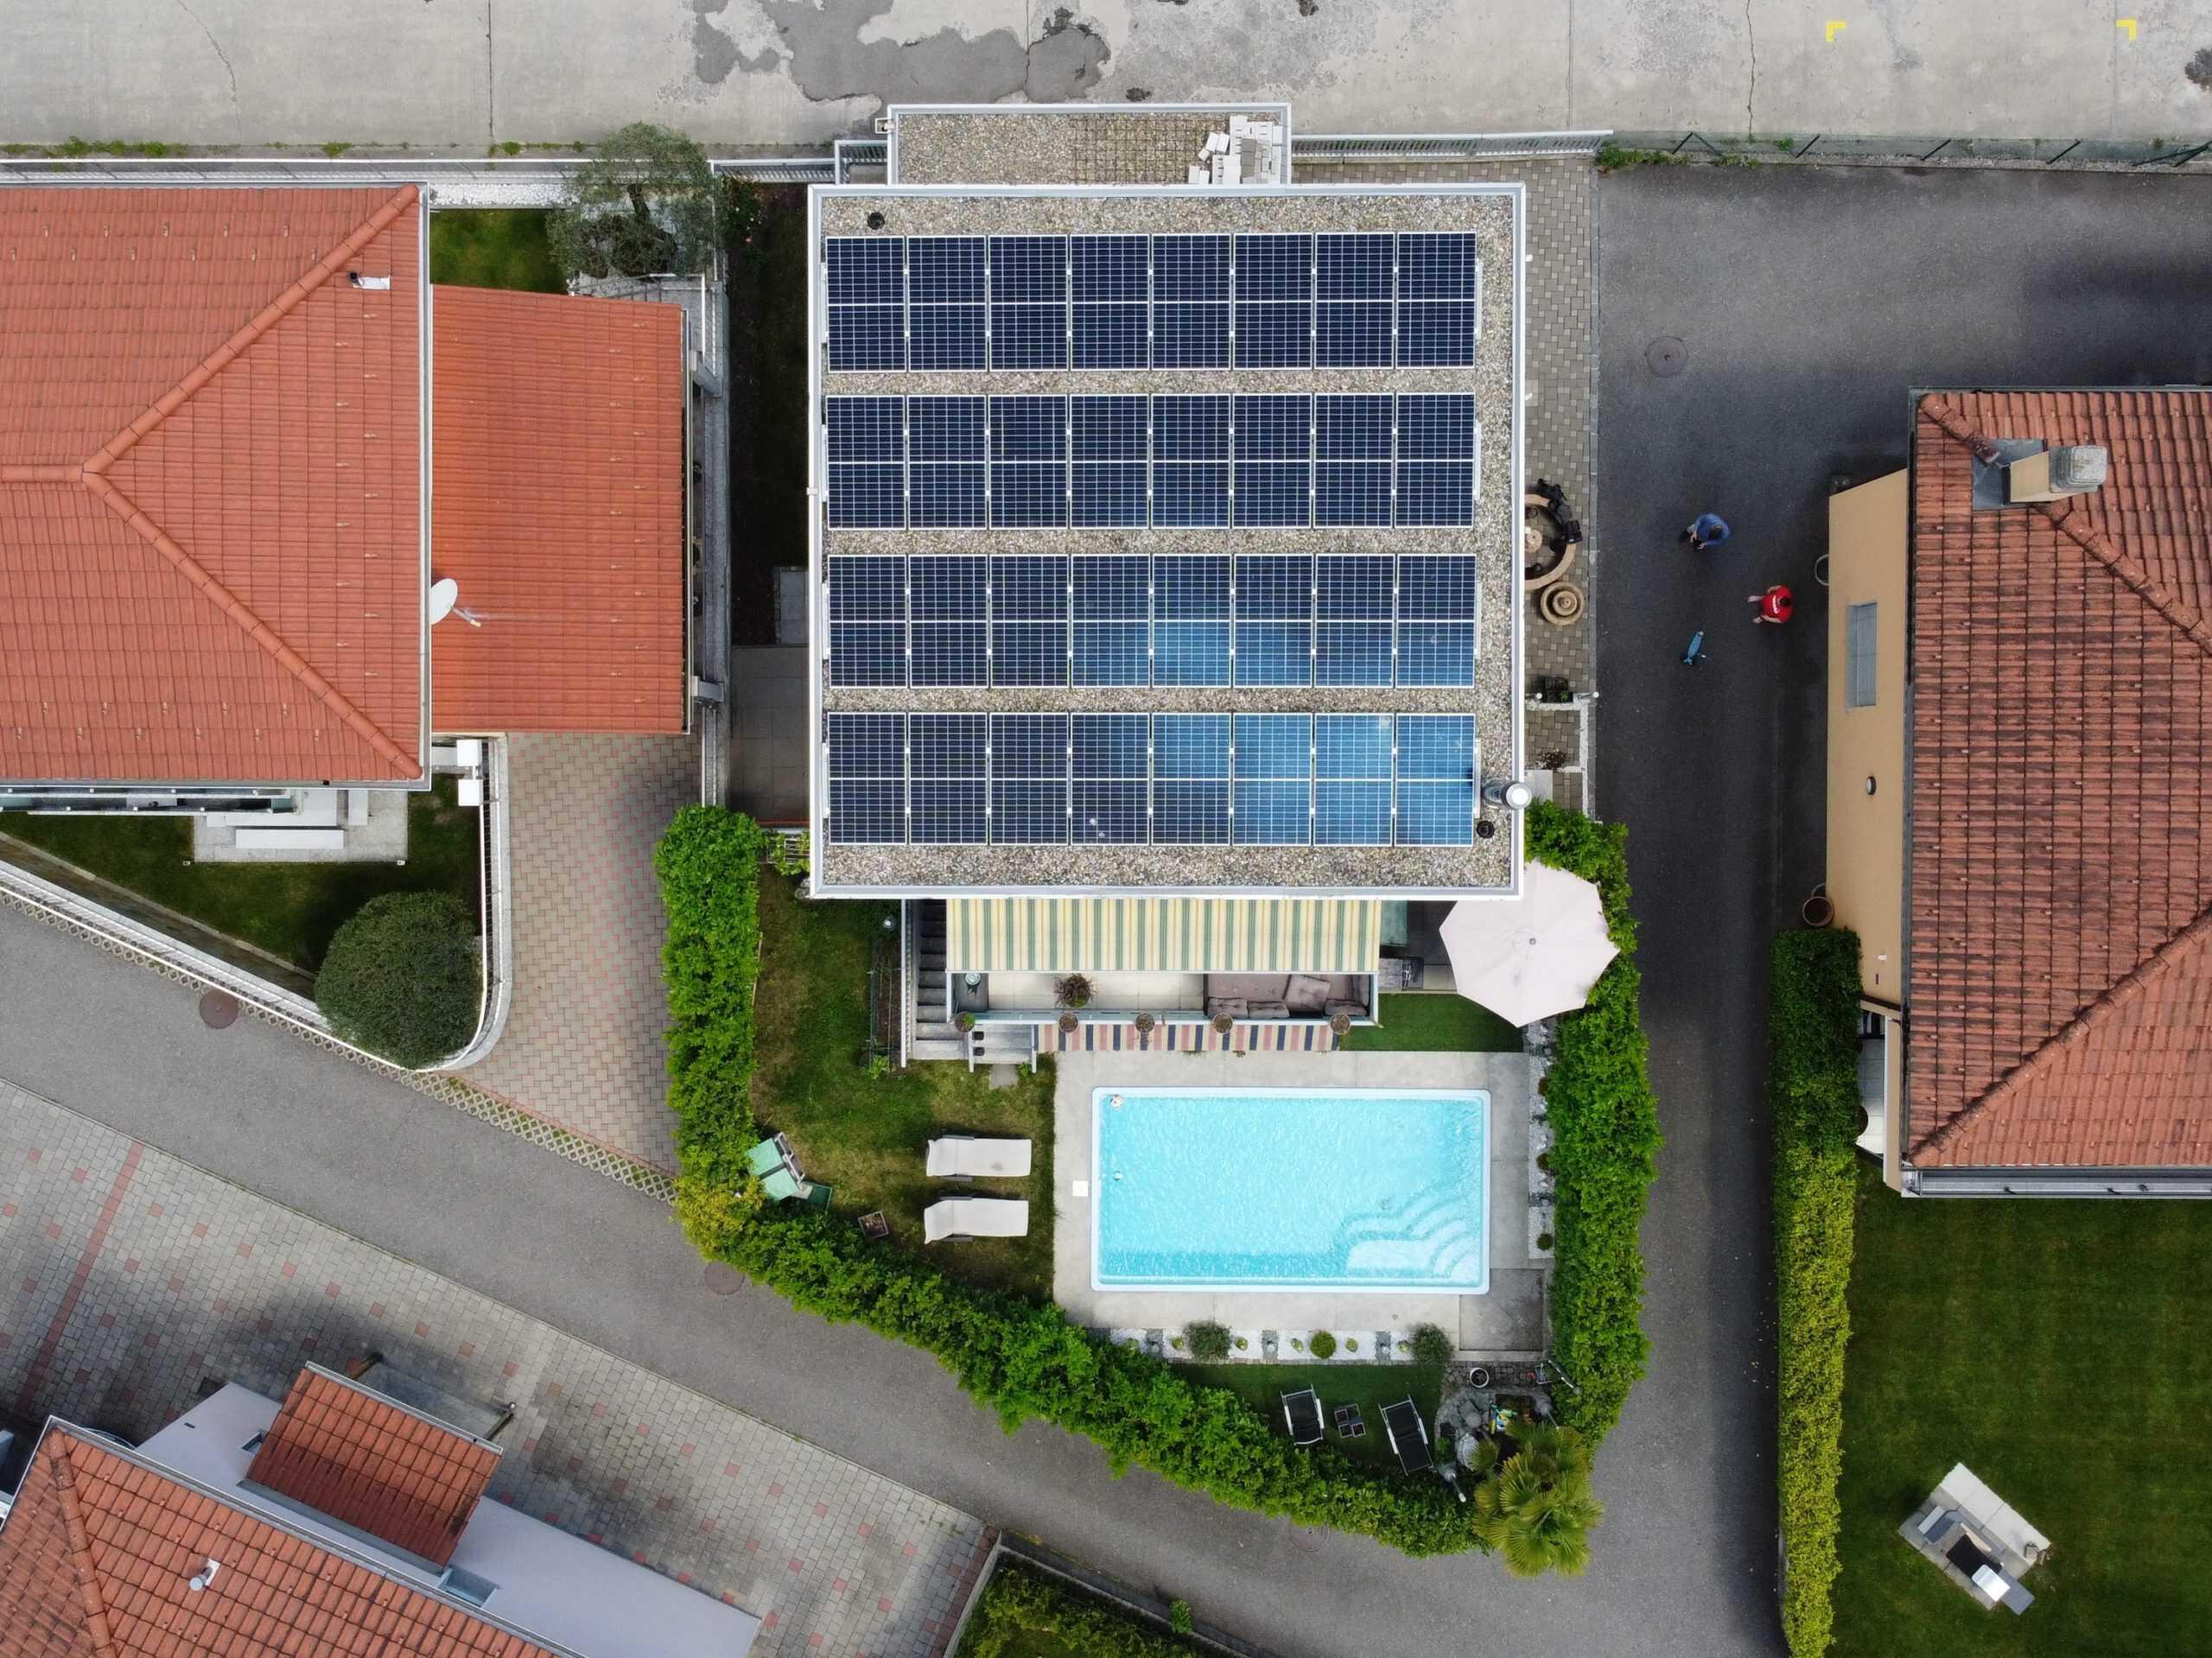 SB Energetica SA - Cadenazzo, Svizzera